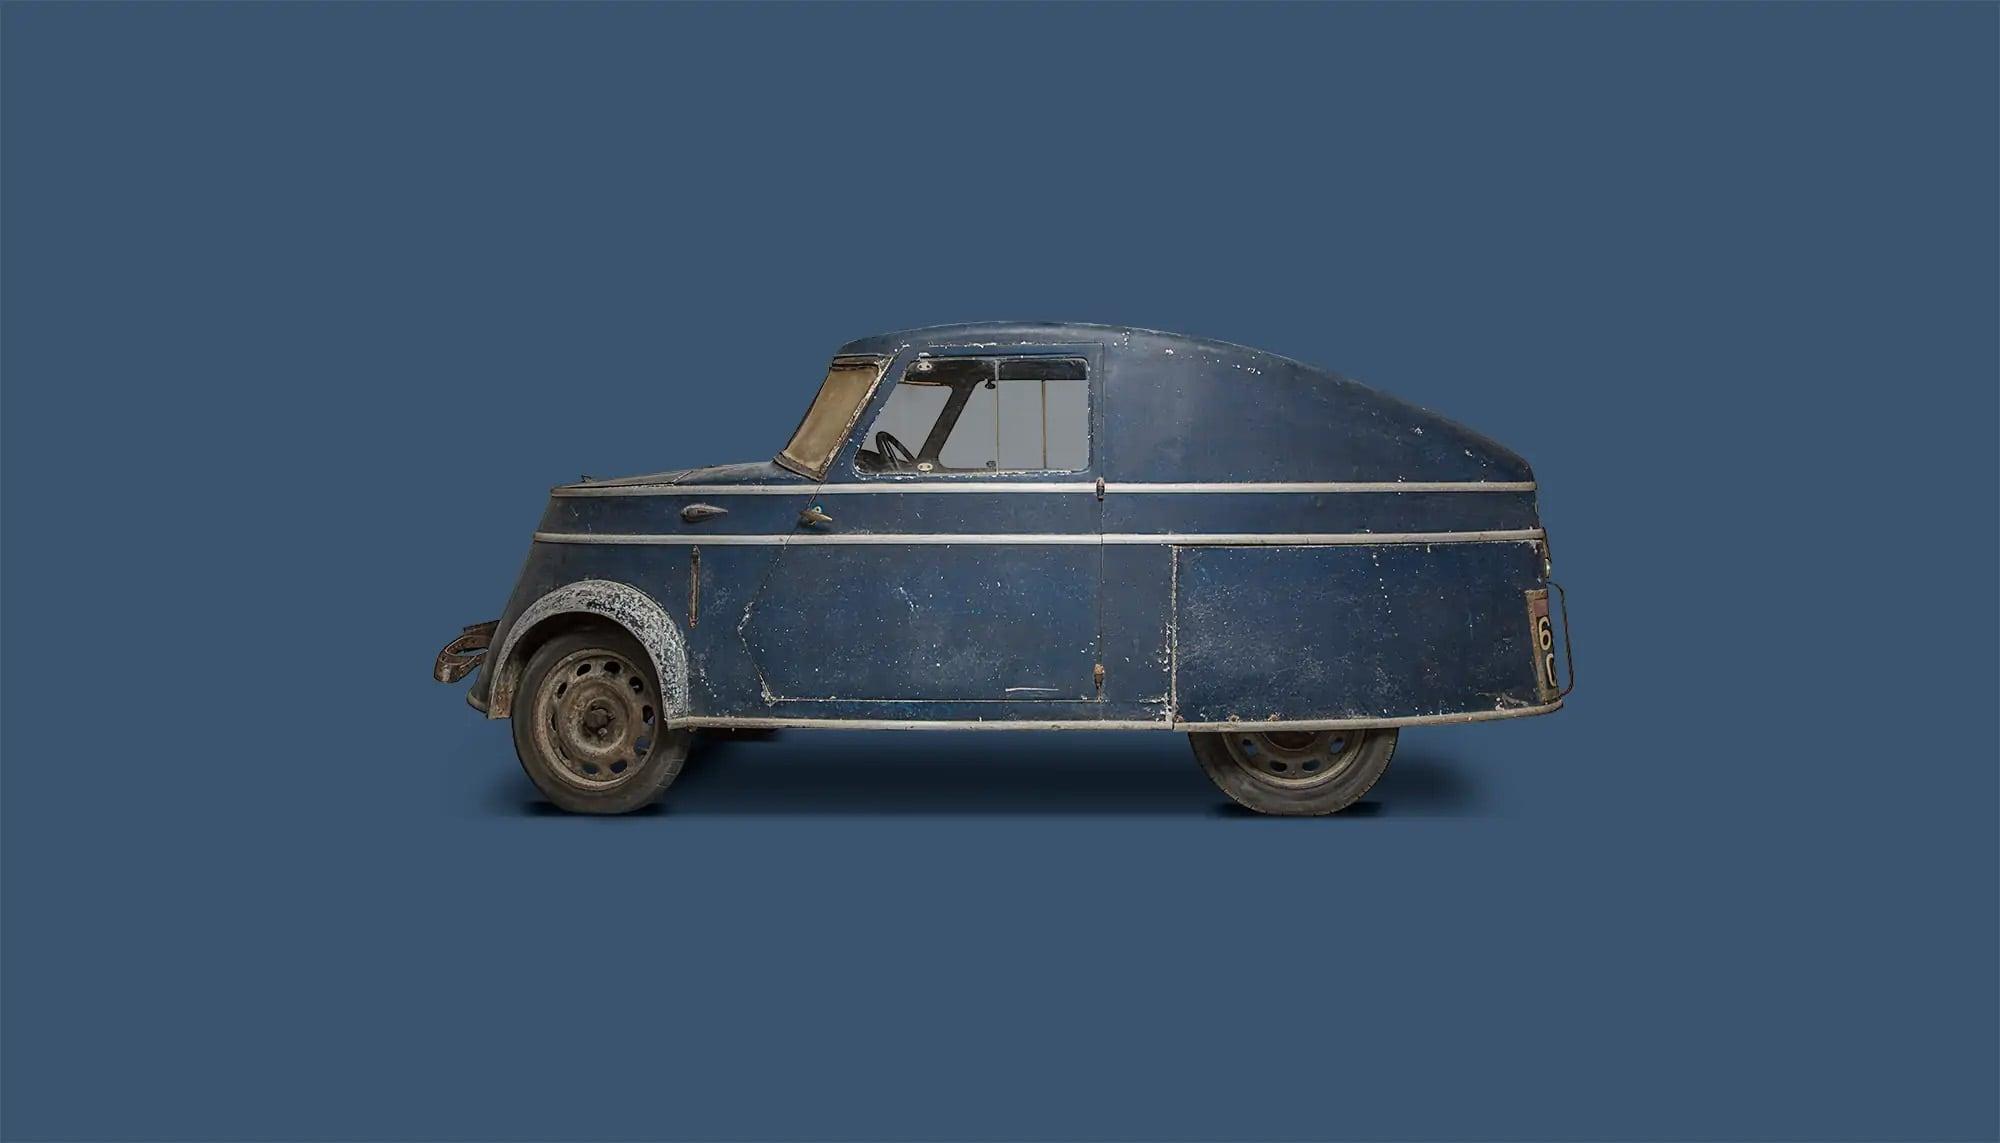 Bekijk Breguet A2 in het Louwman Museum